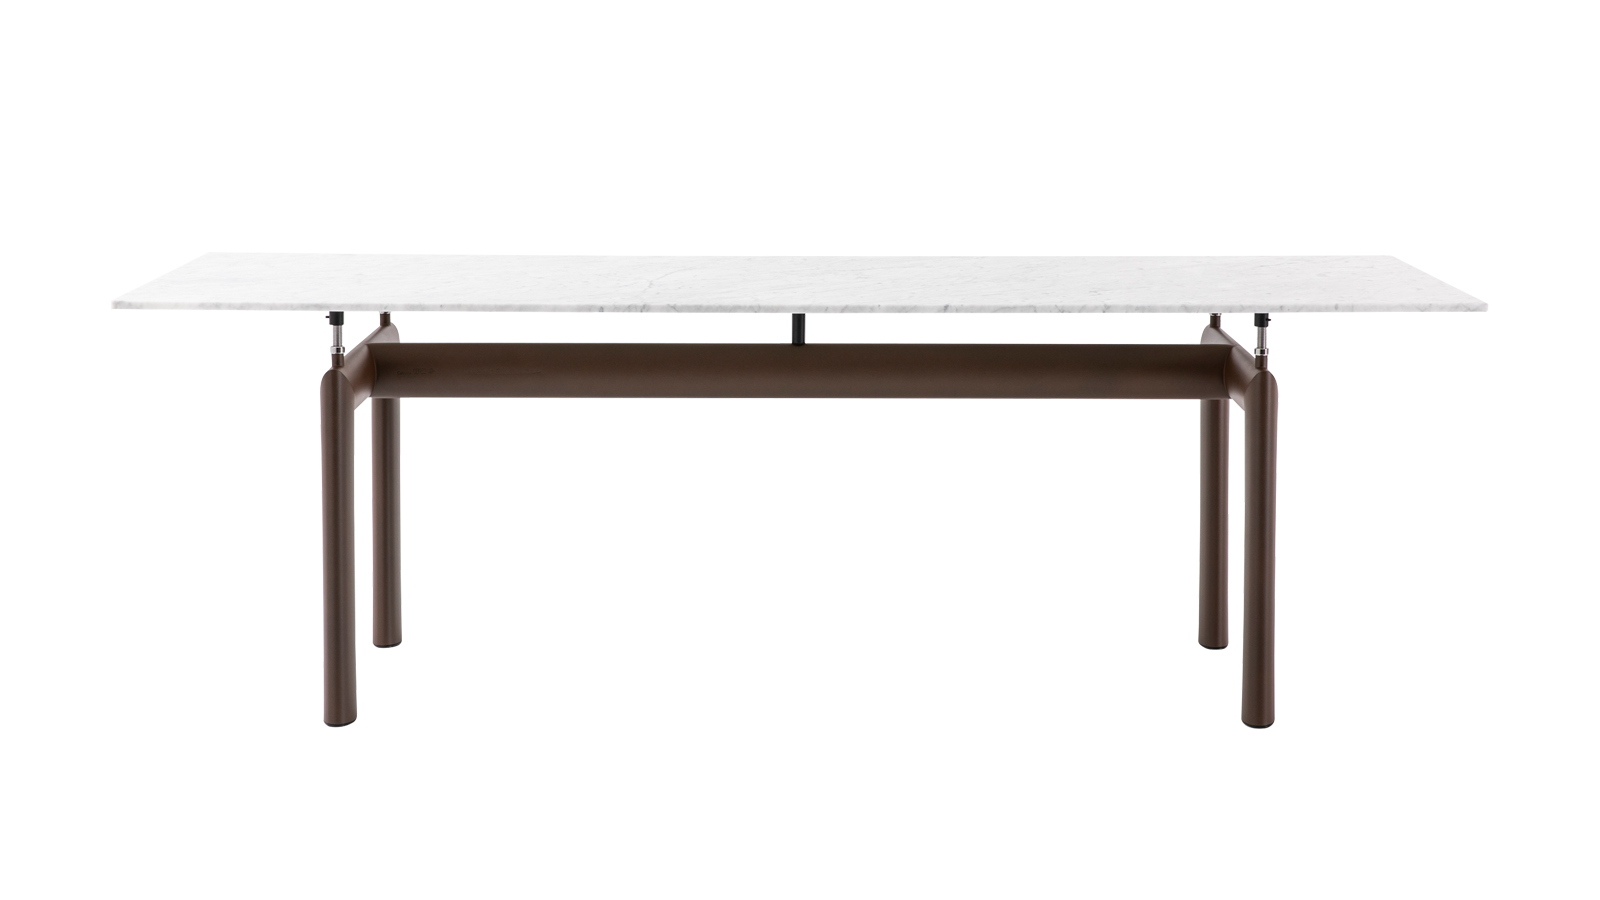 Az LC6 asztal különlegessége az a lebegés, amit a masszív tartószerkezet és légies asztallap kontrasztja hoz létre, mindössze négy karcsú emelőszerkezet segítségével. Az állítható magasságú asztal, melyet 1928-ban tervezett a Le Corbusier – Pierre Jeanneret – Charlotte Perriand tervezőtrió, immár több színben és kivitelben, kültéri változatban is elérhető a Cassina I Maestri kollekciójában.